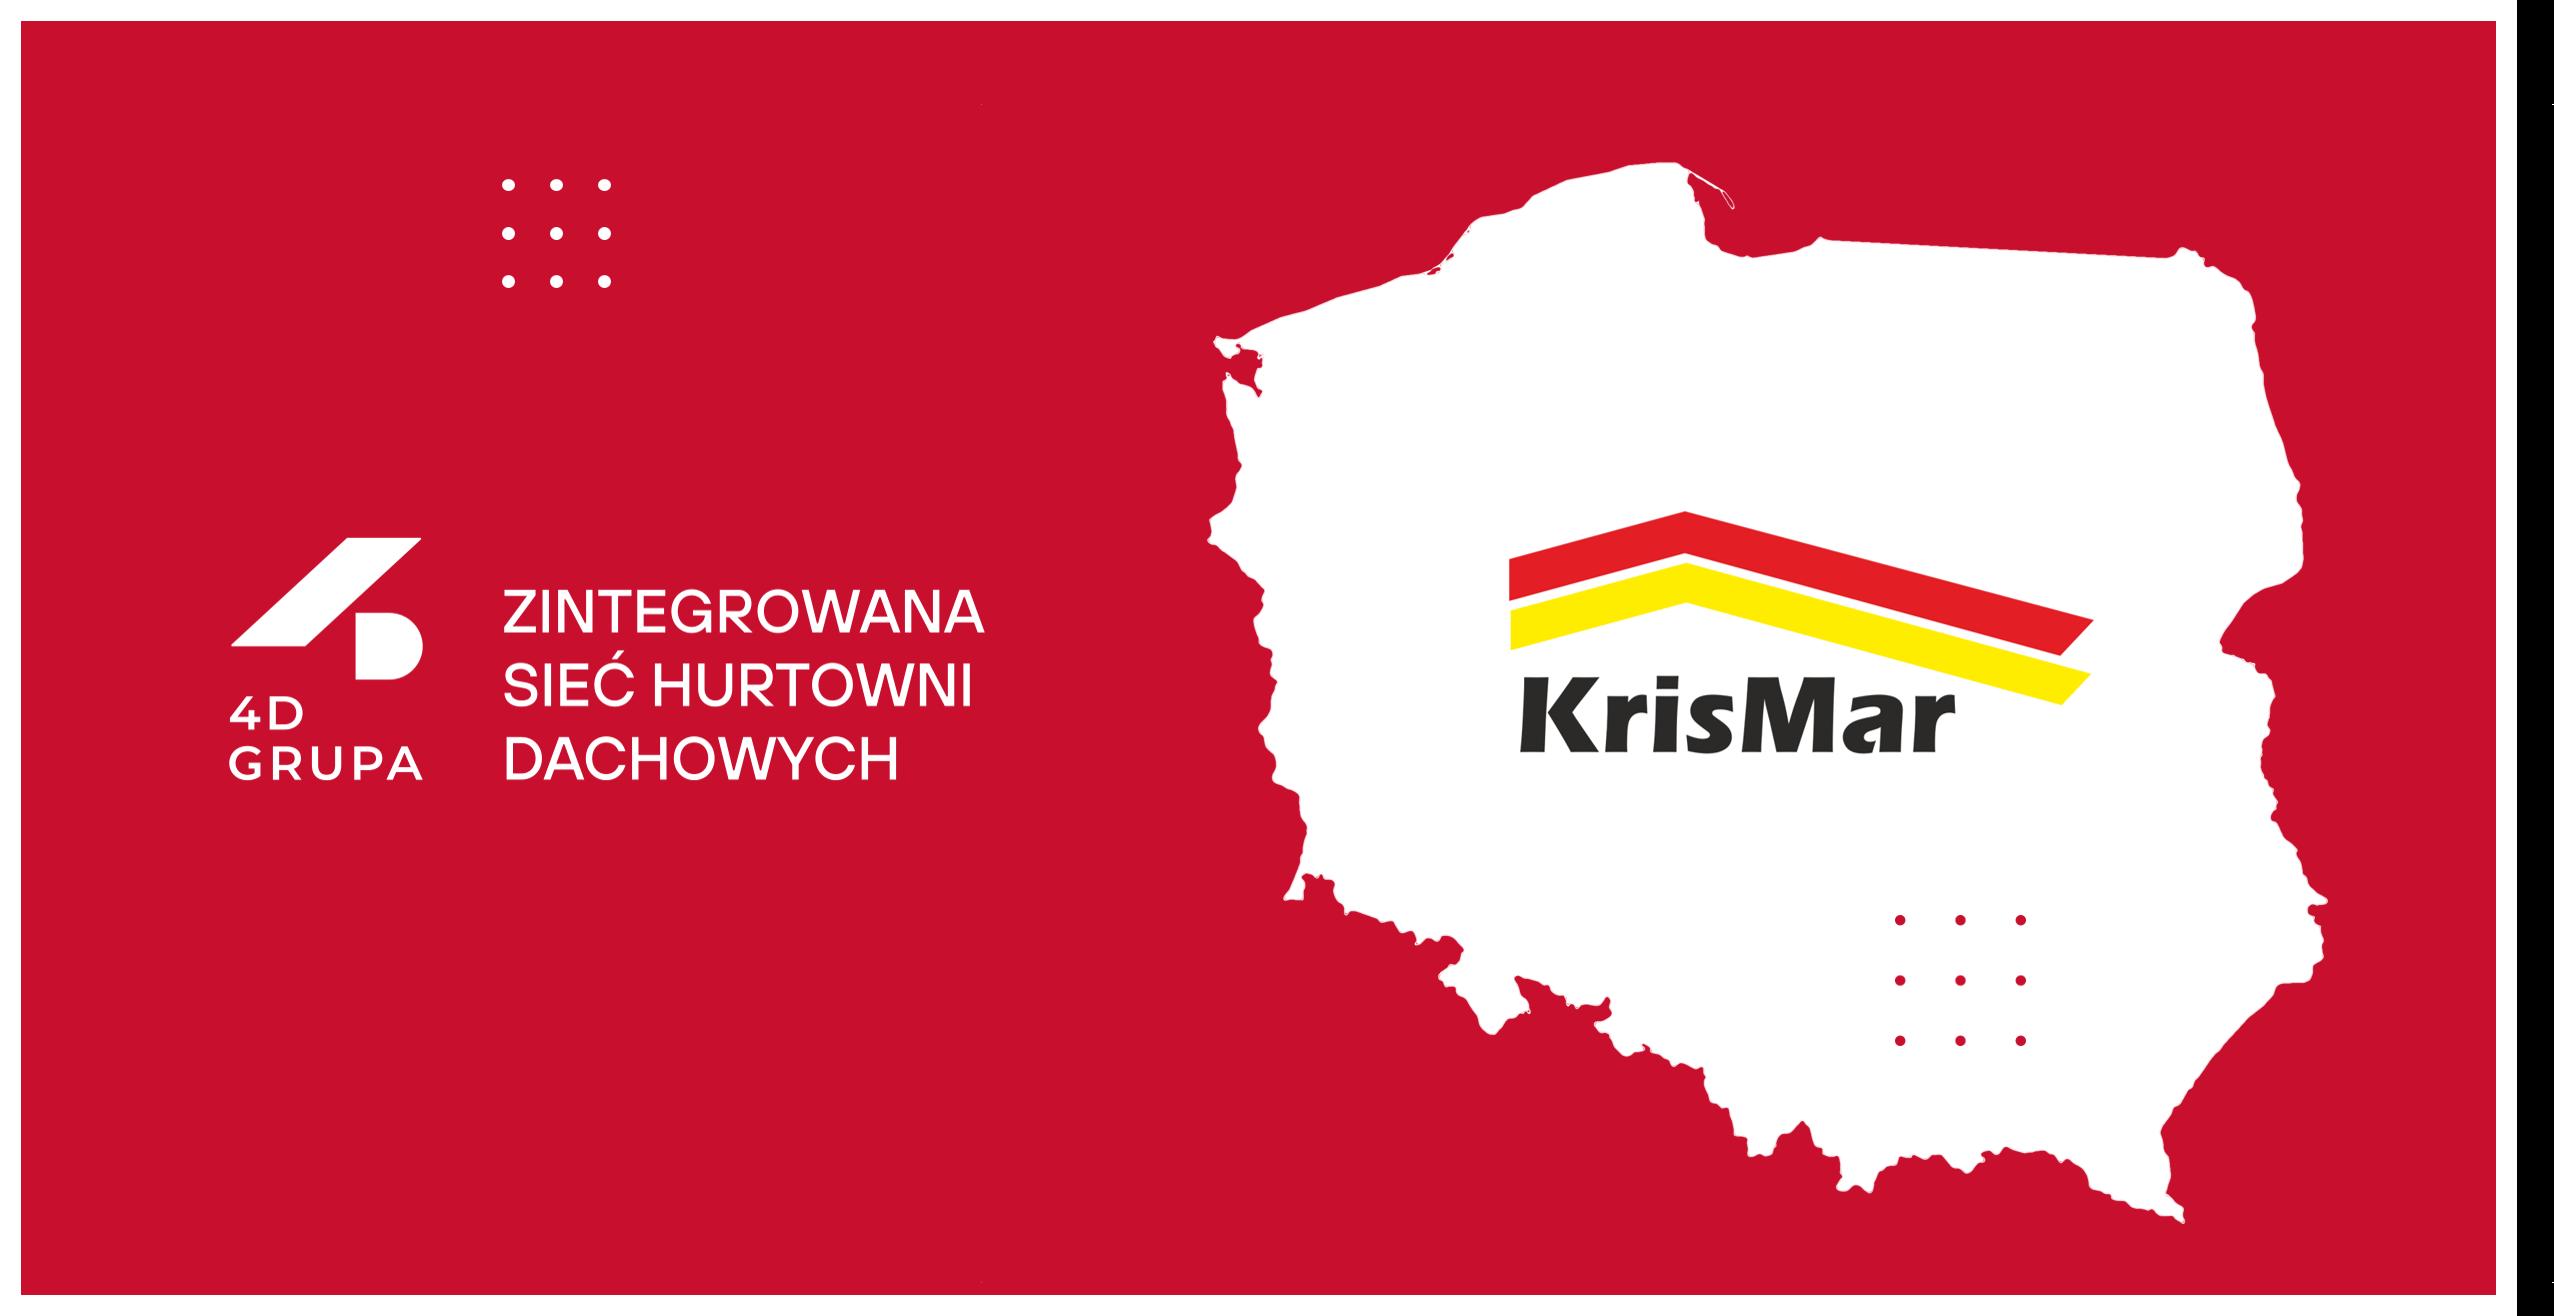 Firma KrisMar z Kielc dołączyła do 4D Grupy